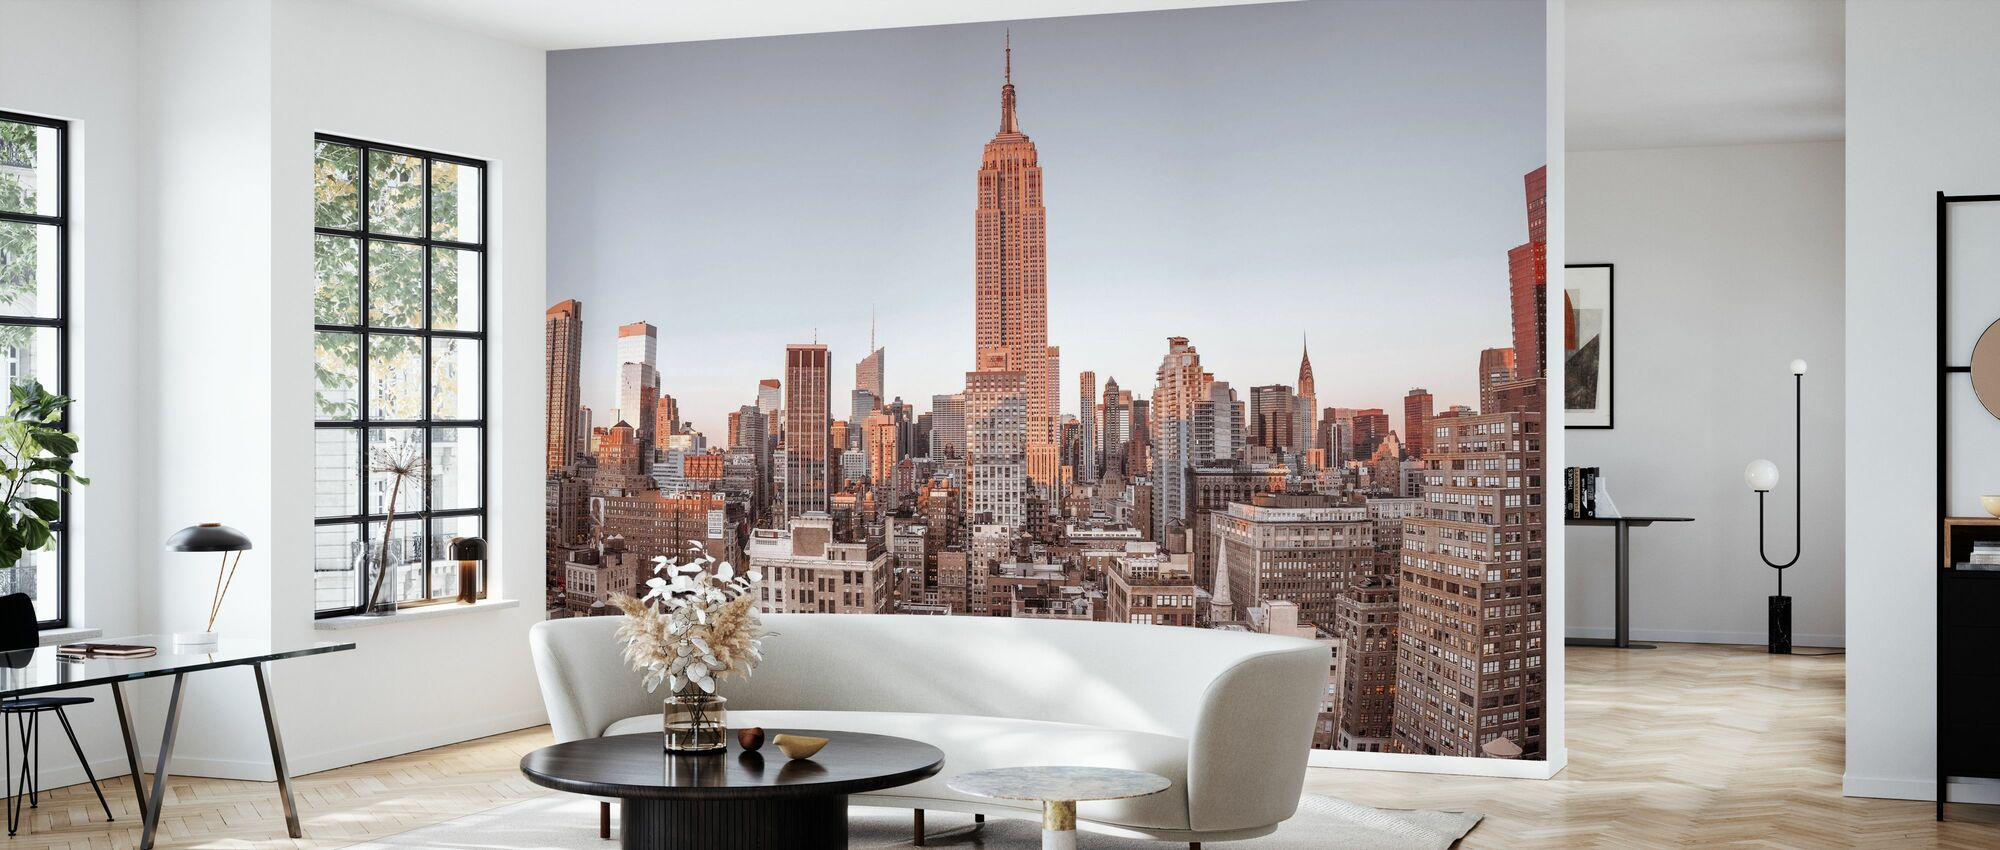 New York Vogelblick - Tapete - Wohnzimmer